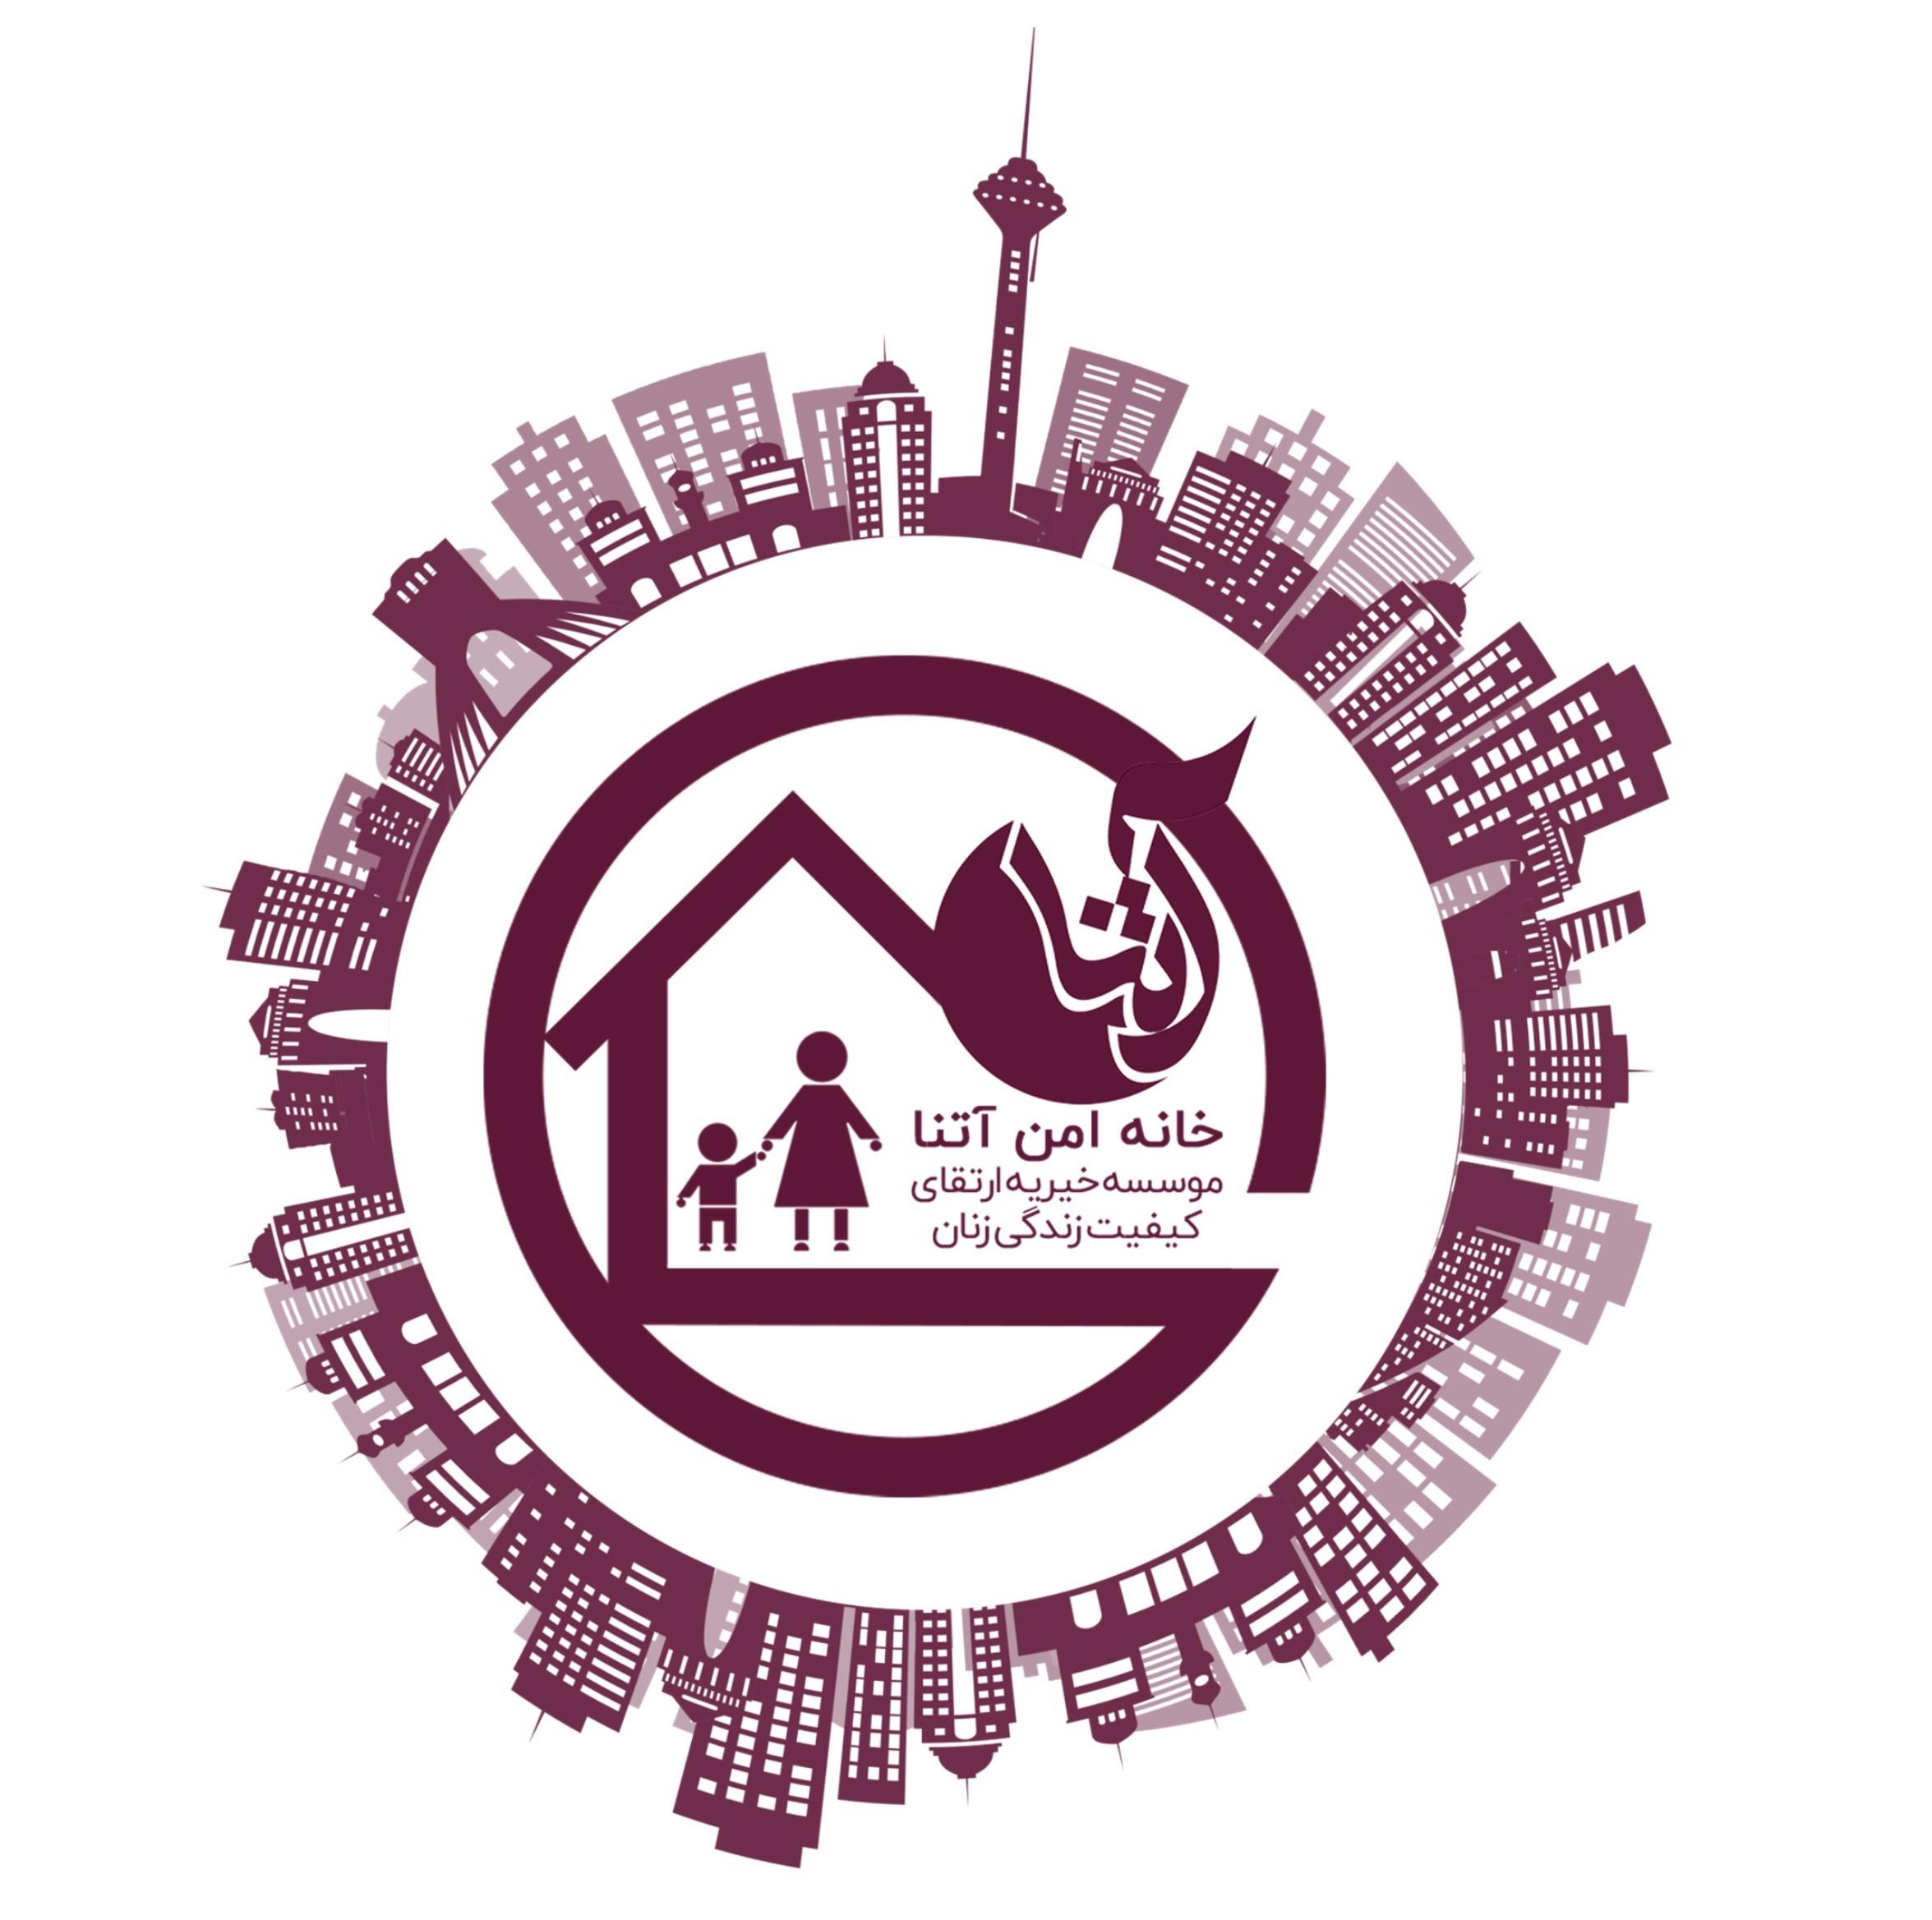 خانه امن آتنا؛ اولین خانه امن غیر دولتی آتنا